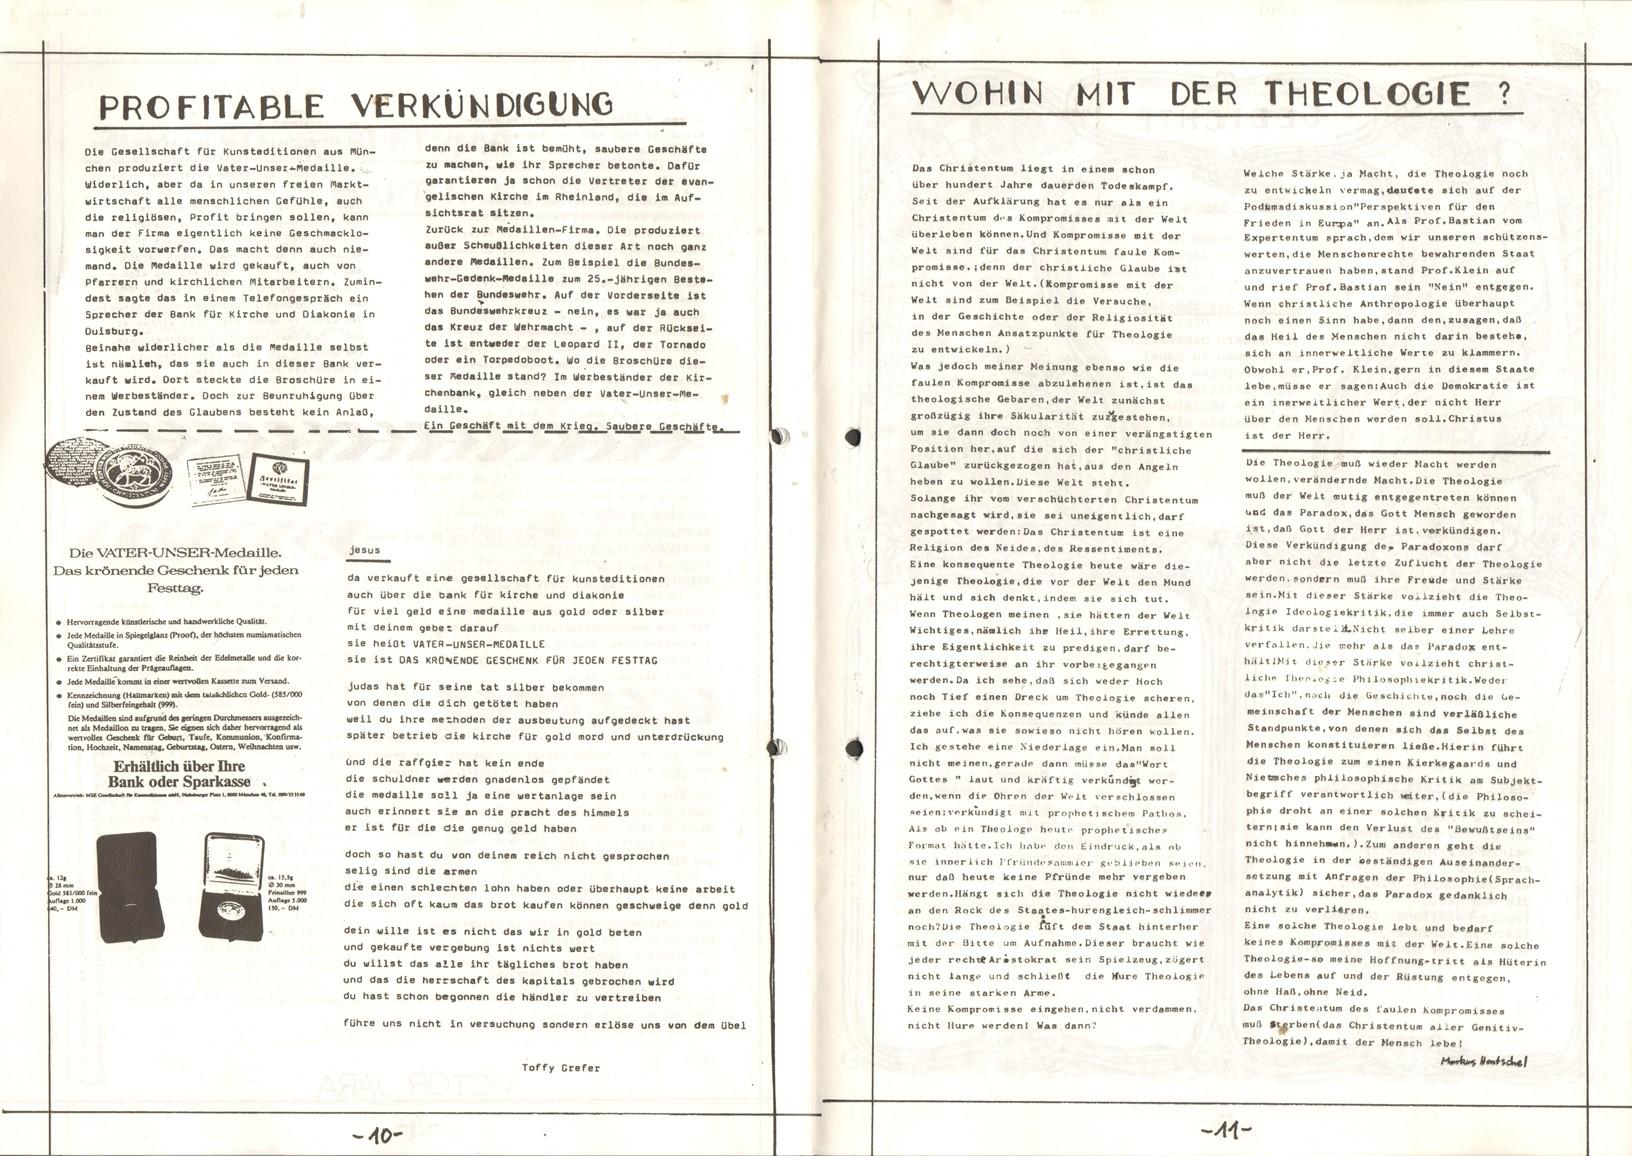 Muenster_Roter_Korach_19820200_06